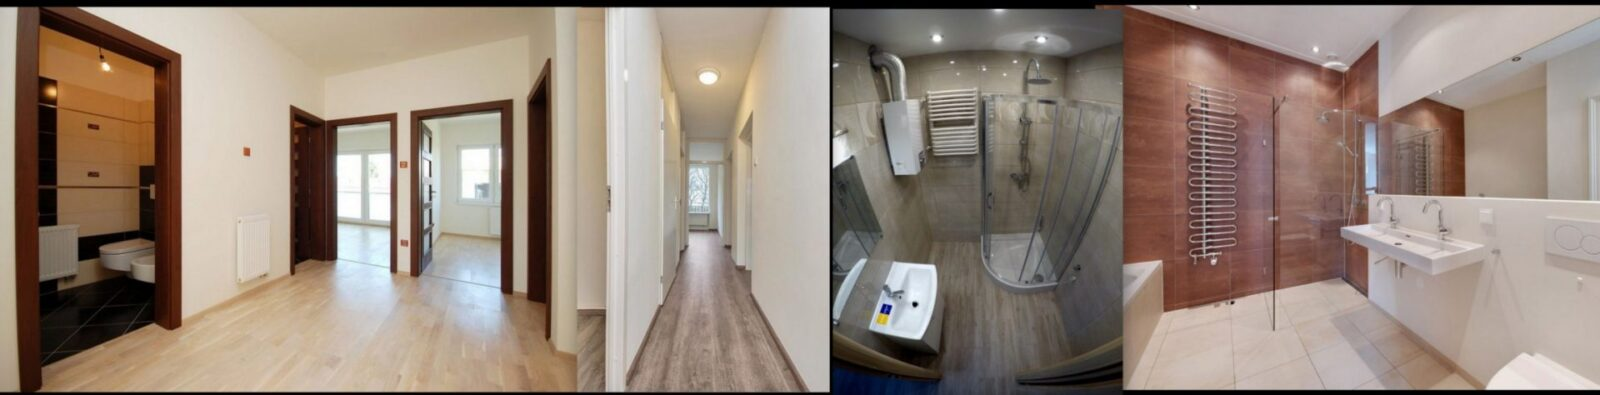 Profesjonalne remonty mieszkań Robert Stempniewicz